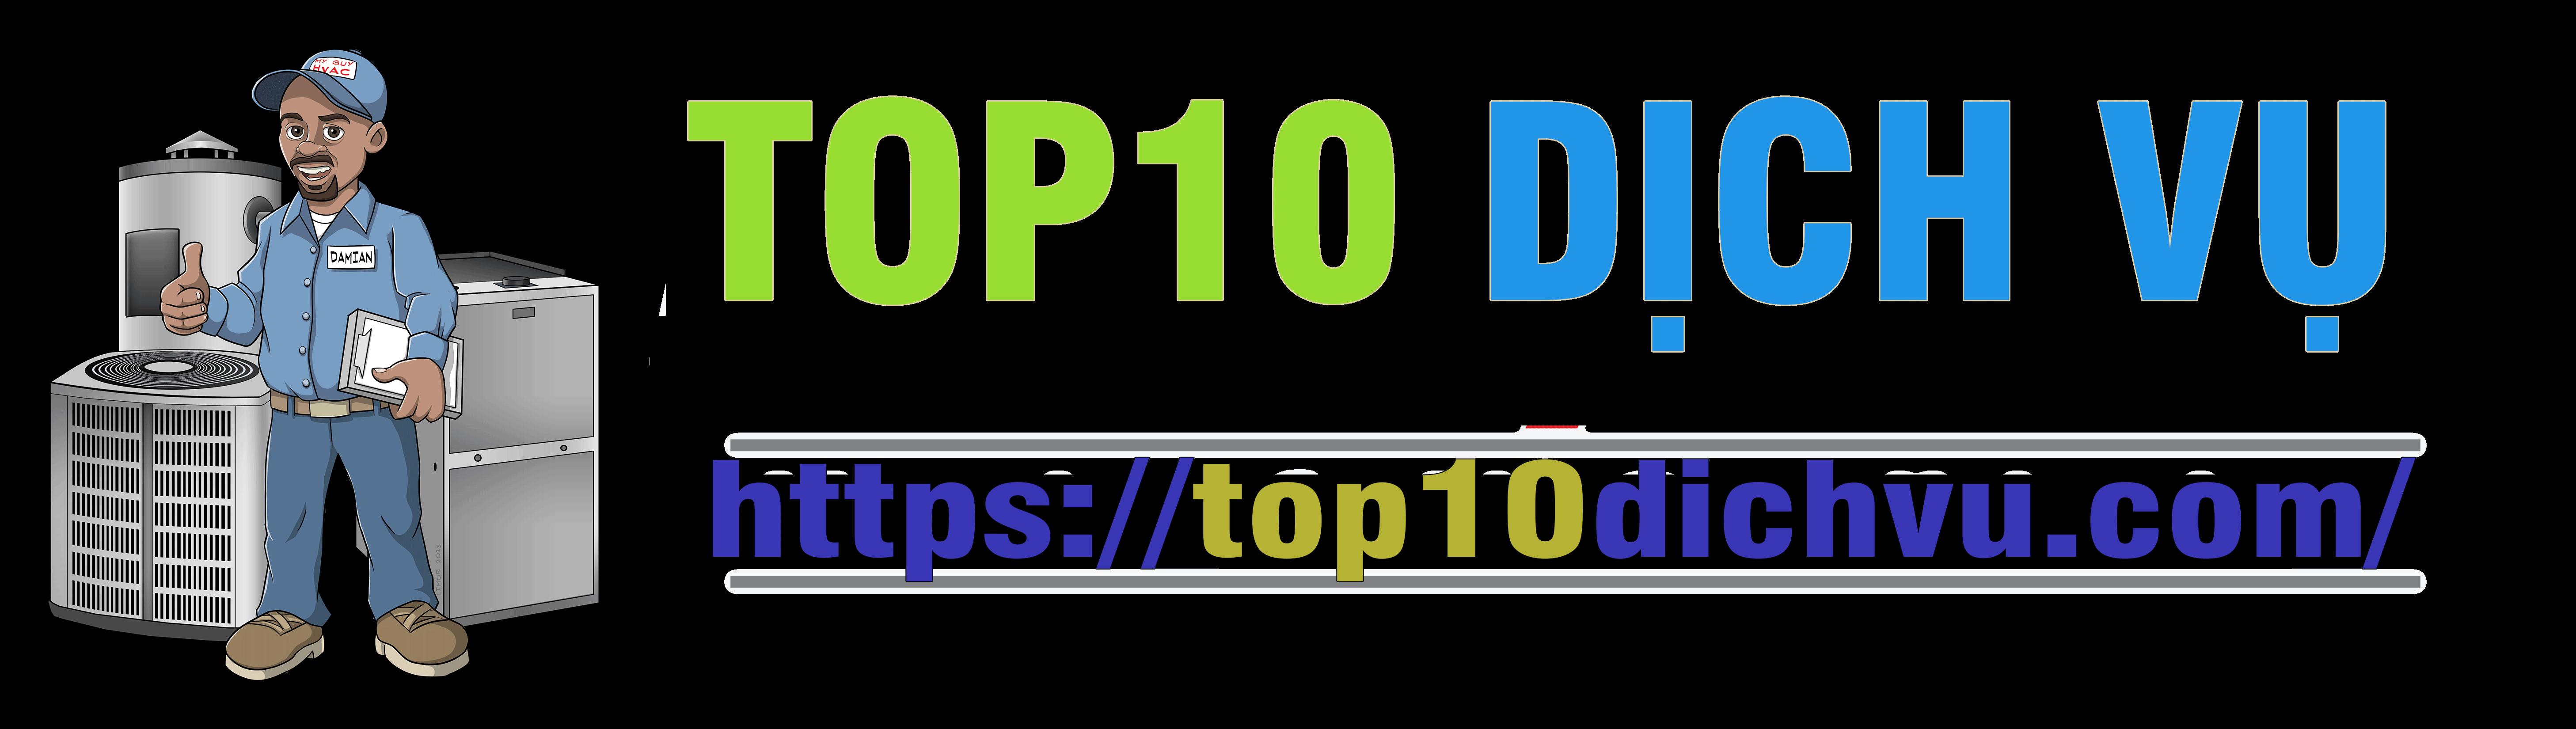 TOP10DICHVU.COM – Cung cấp Dịch Vụ – Sản Phẩm uy tín chất lượng trên toàn quốc.